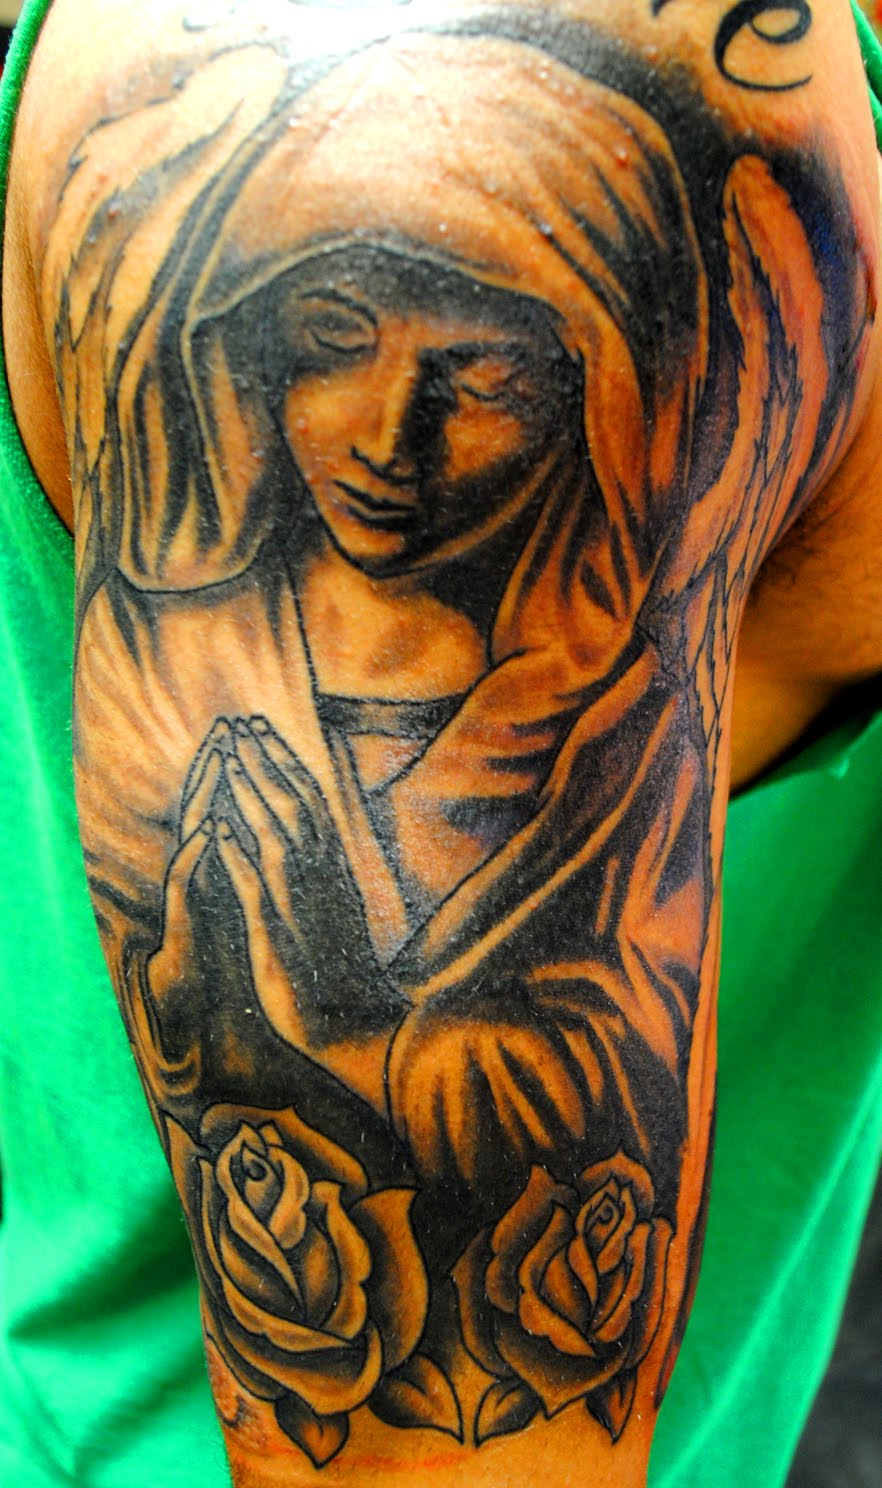 Atomik new tattoo work for Praying angel tattoos